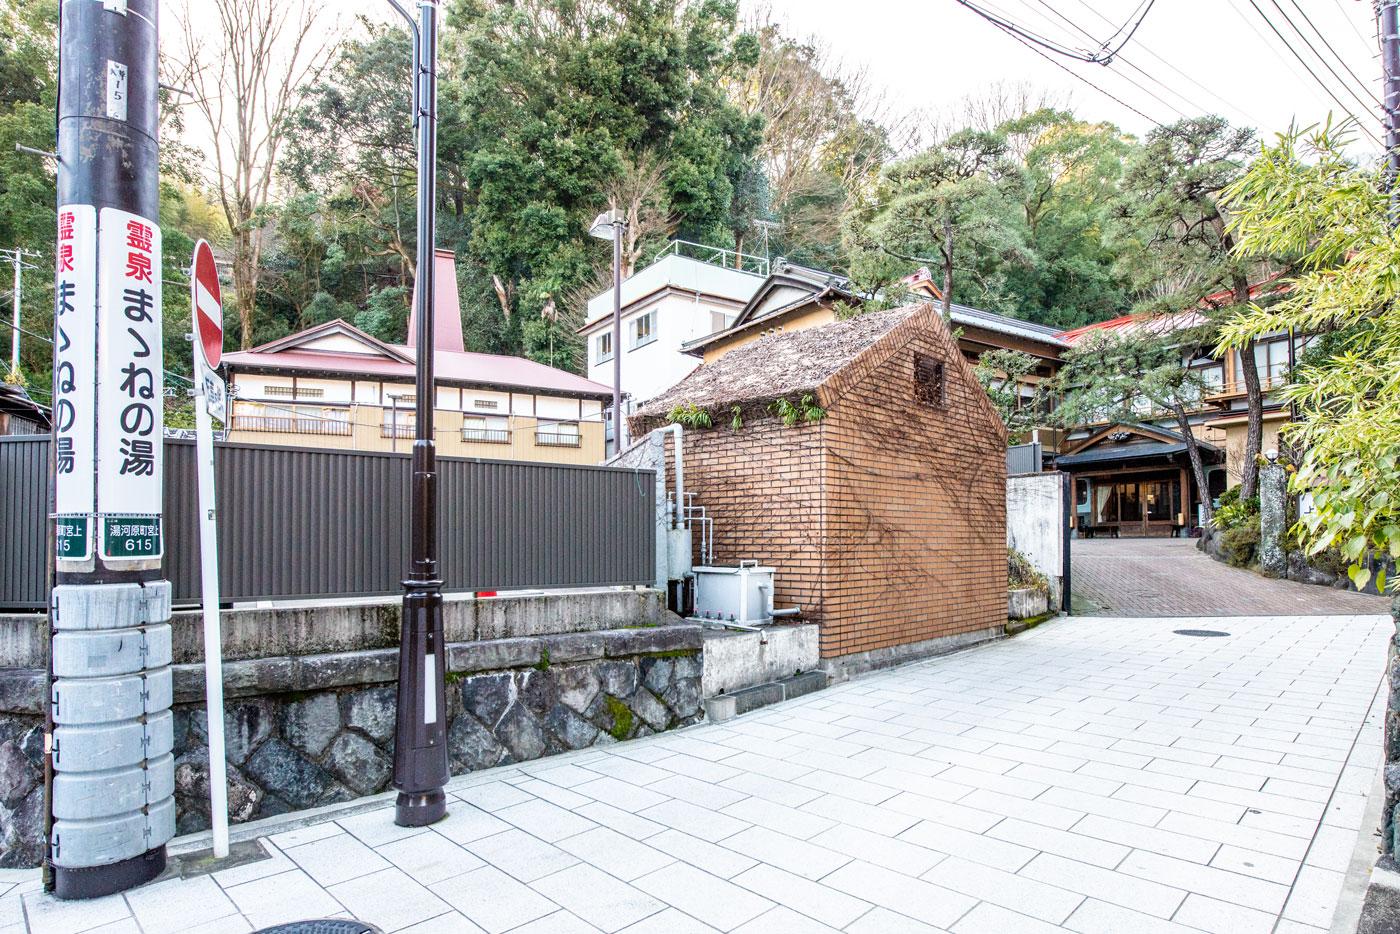 源泉上野屋(創業300余年 湯河原で一番長い歴史を持つ旅館 2,400m)